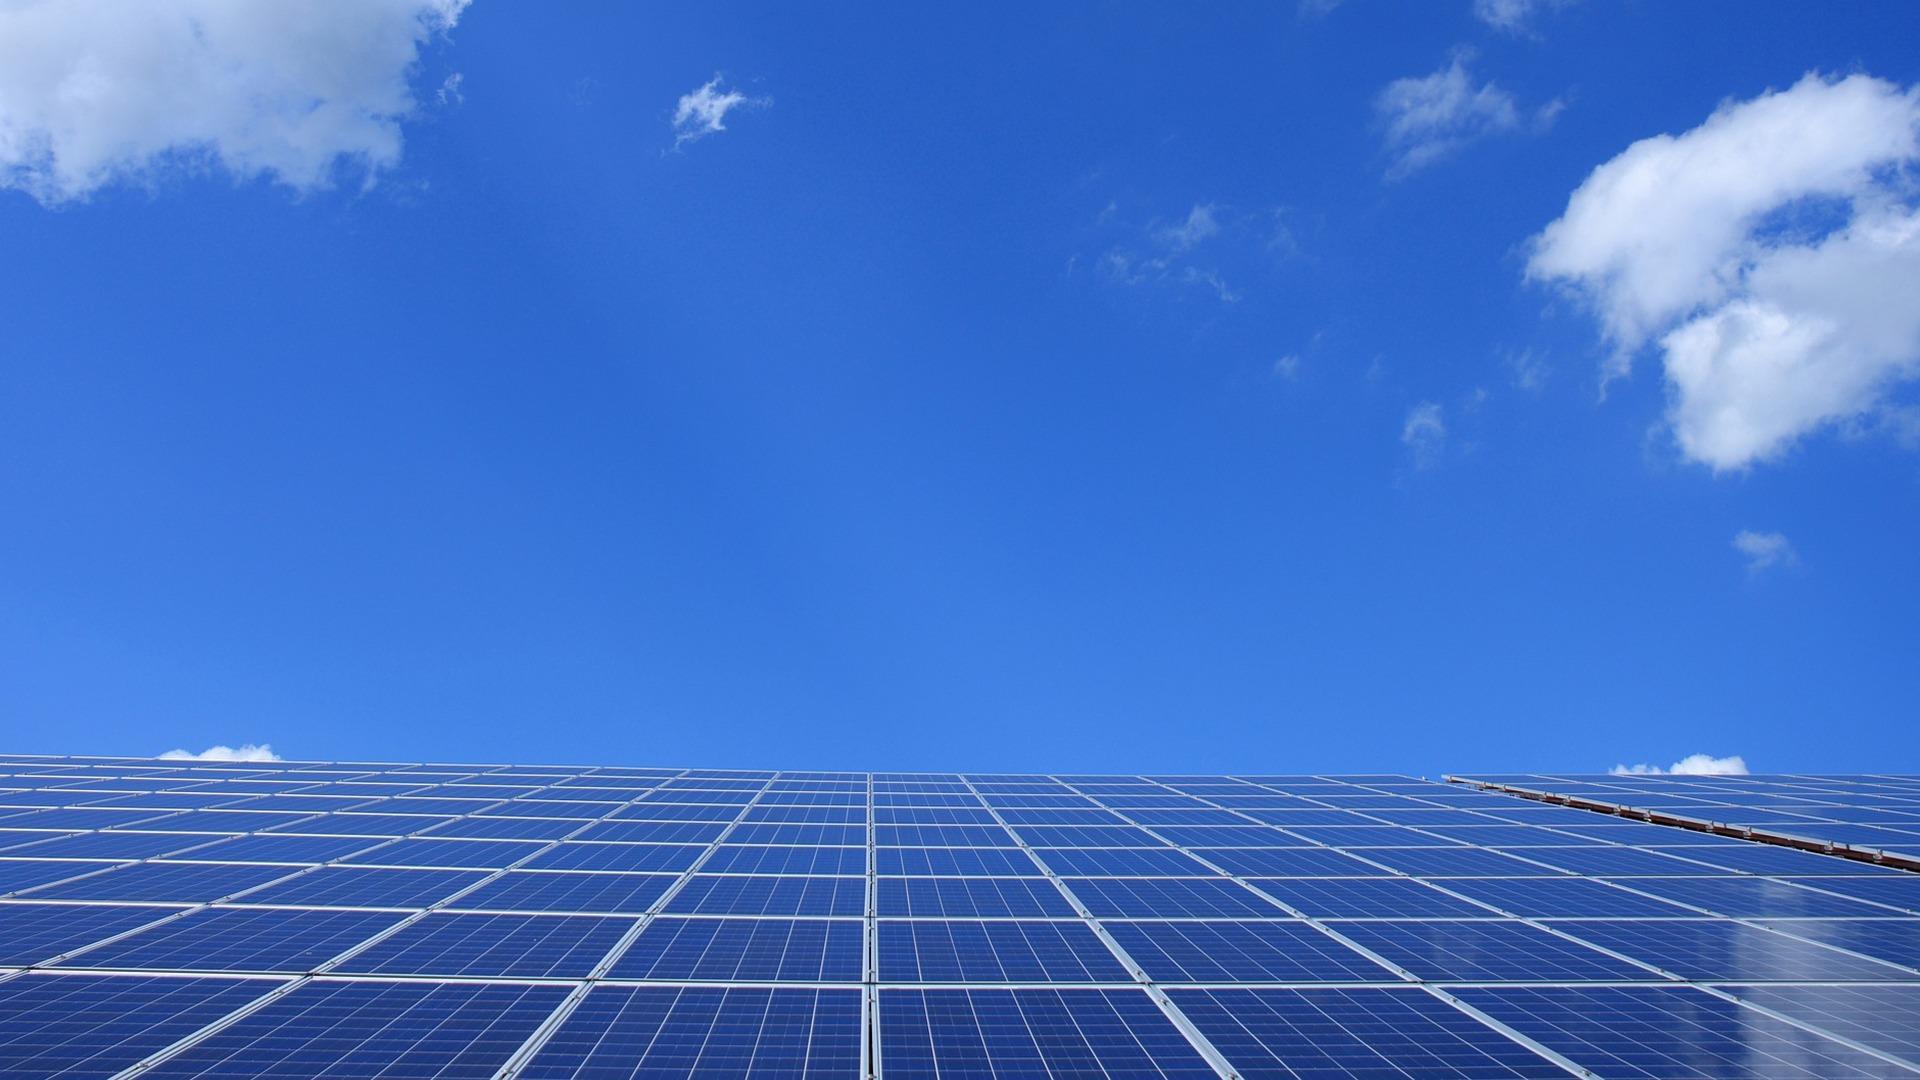 De ondersteuning van zonneparken